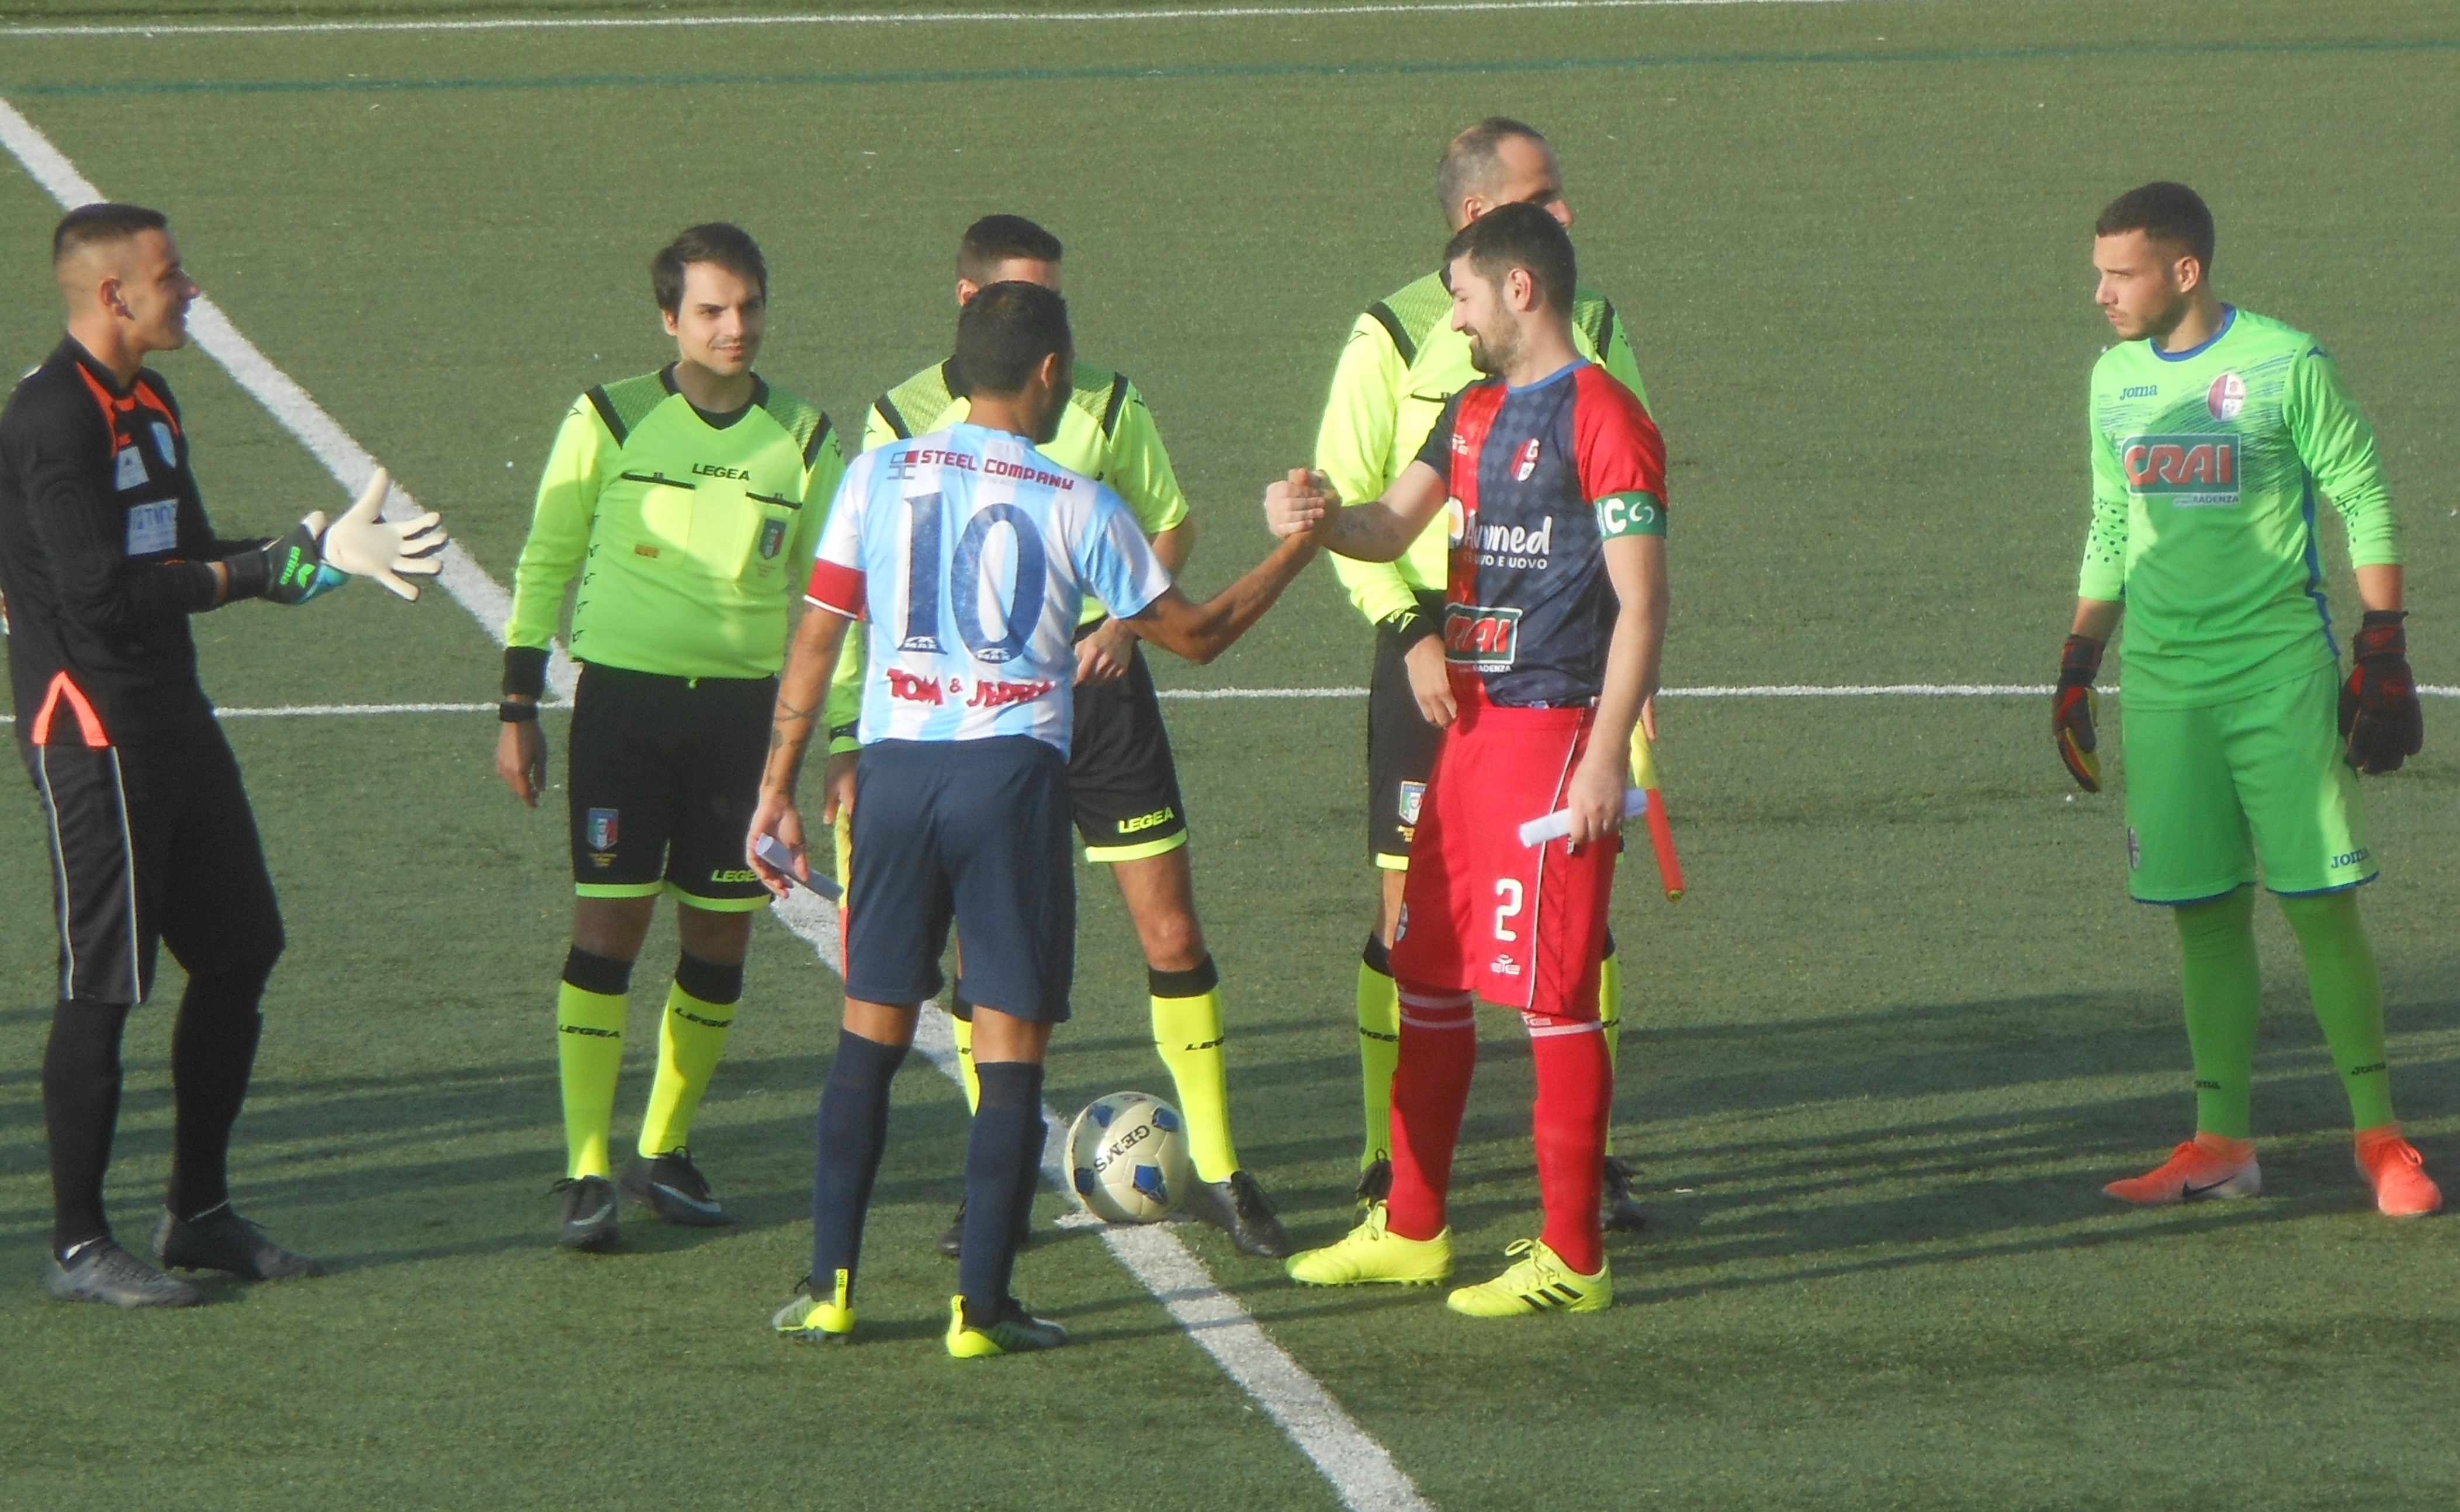 Calcio,Promozione: il Modica lotta ma nulla può contro la capolista Pozzallo che vince 2 a 0